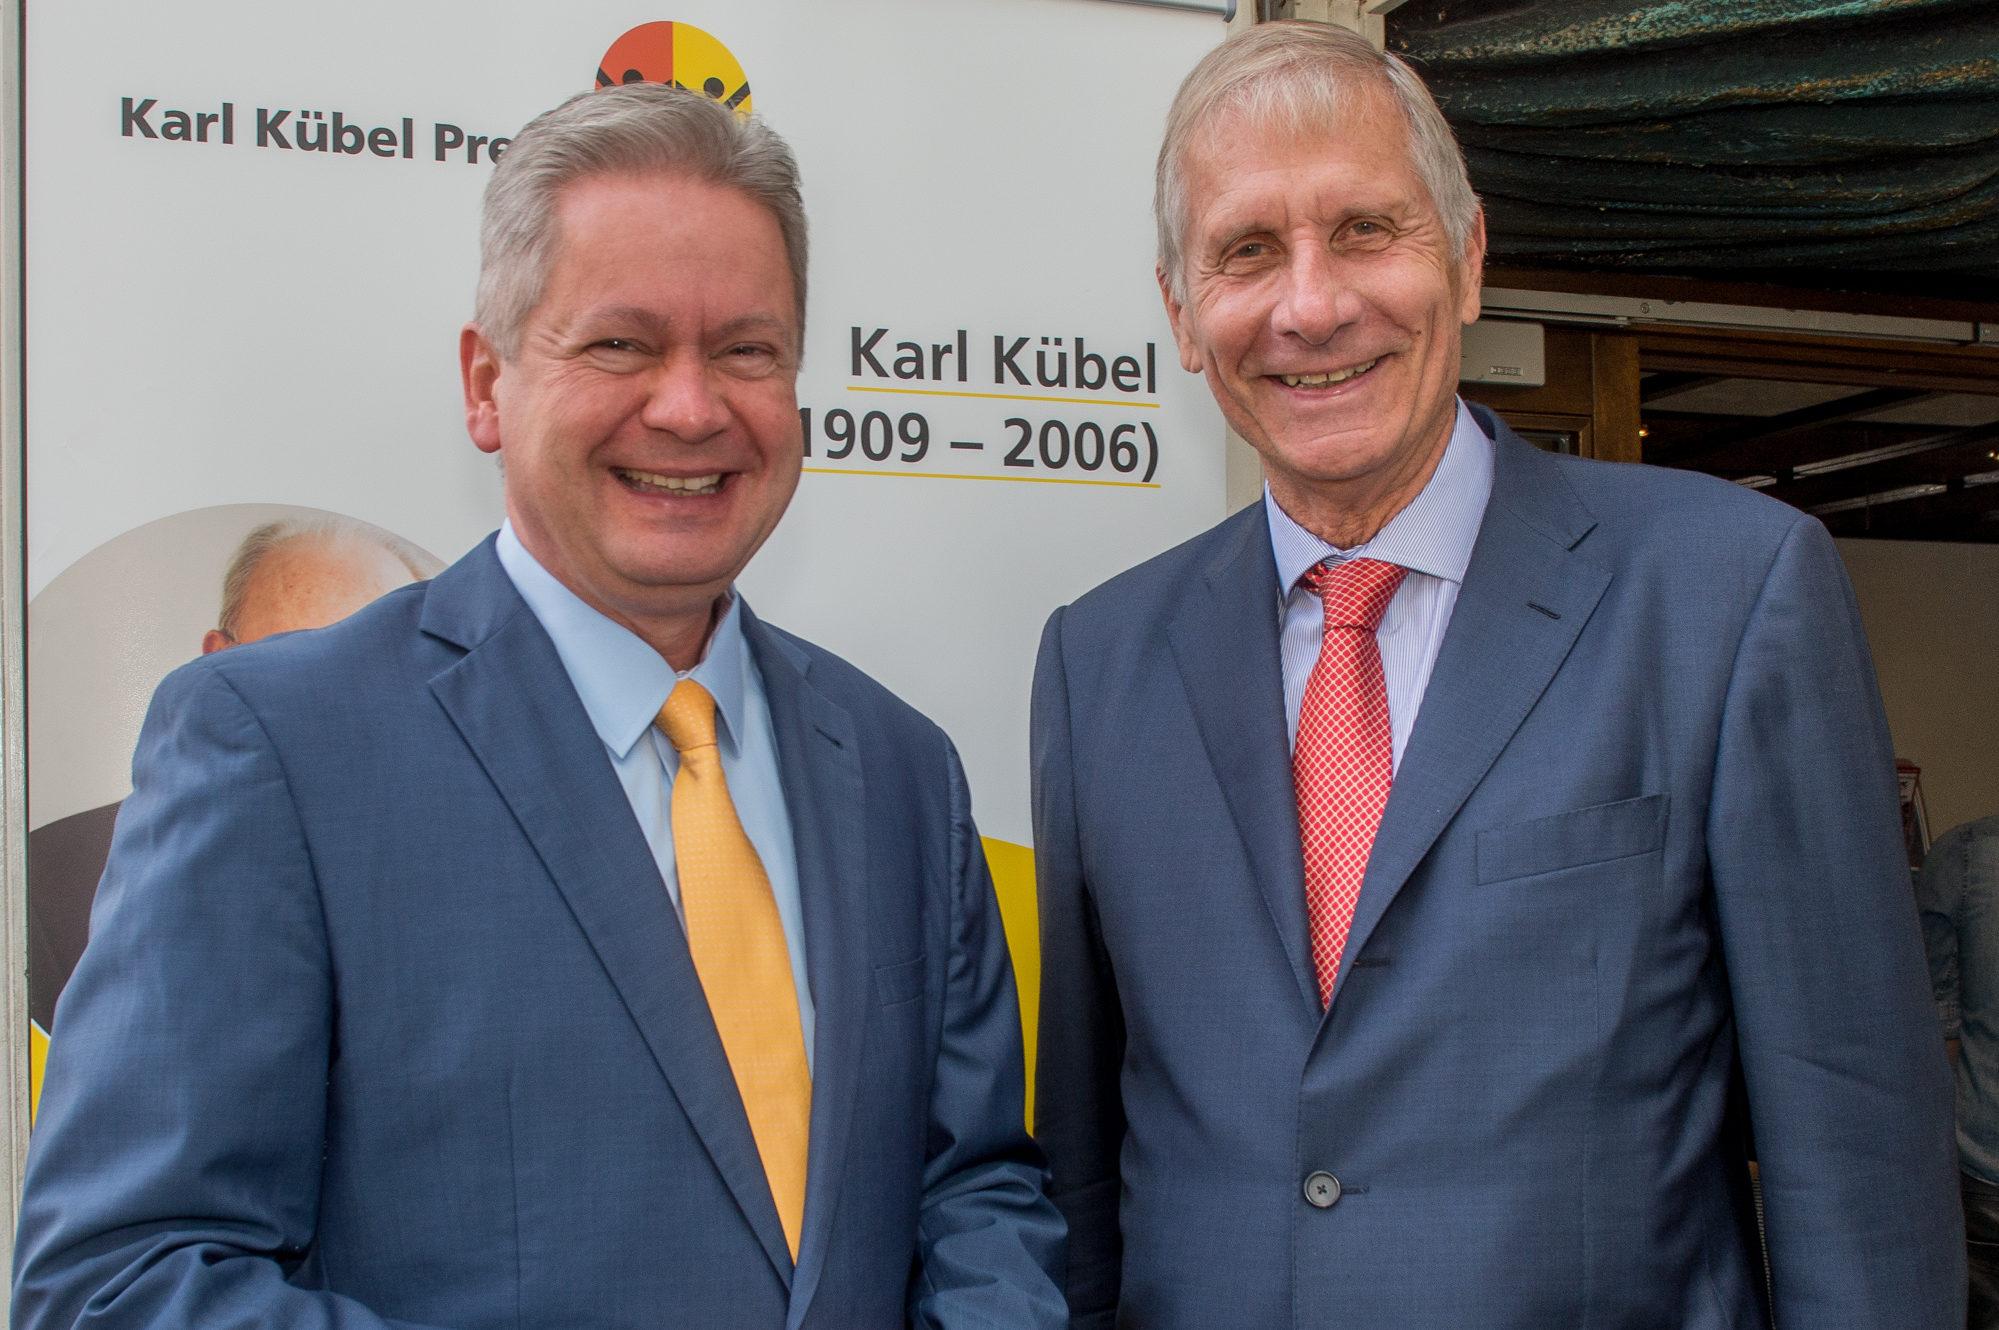 Karl Kübel Preis an Ulrich Wickert vergeben / Medienpreis in Bensheim verliehen